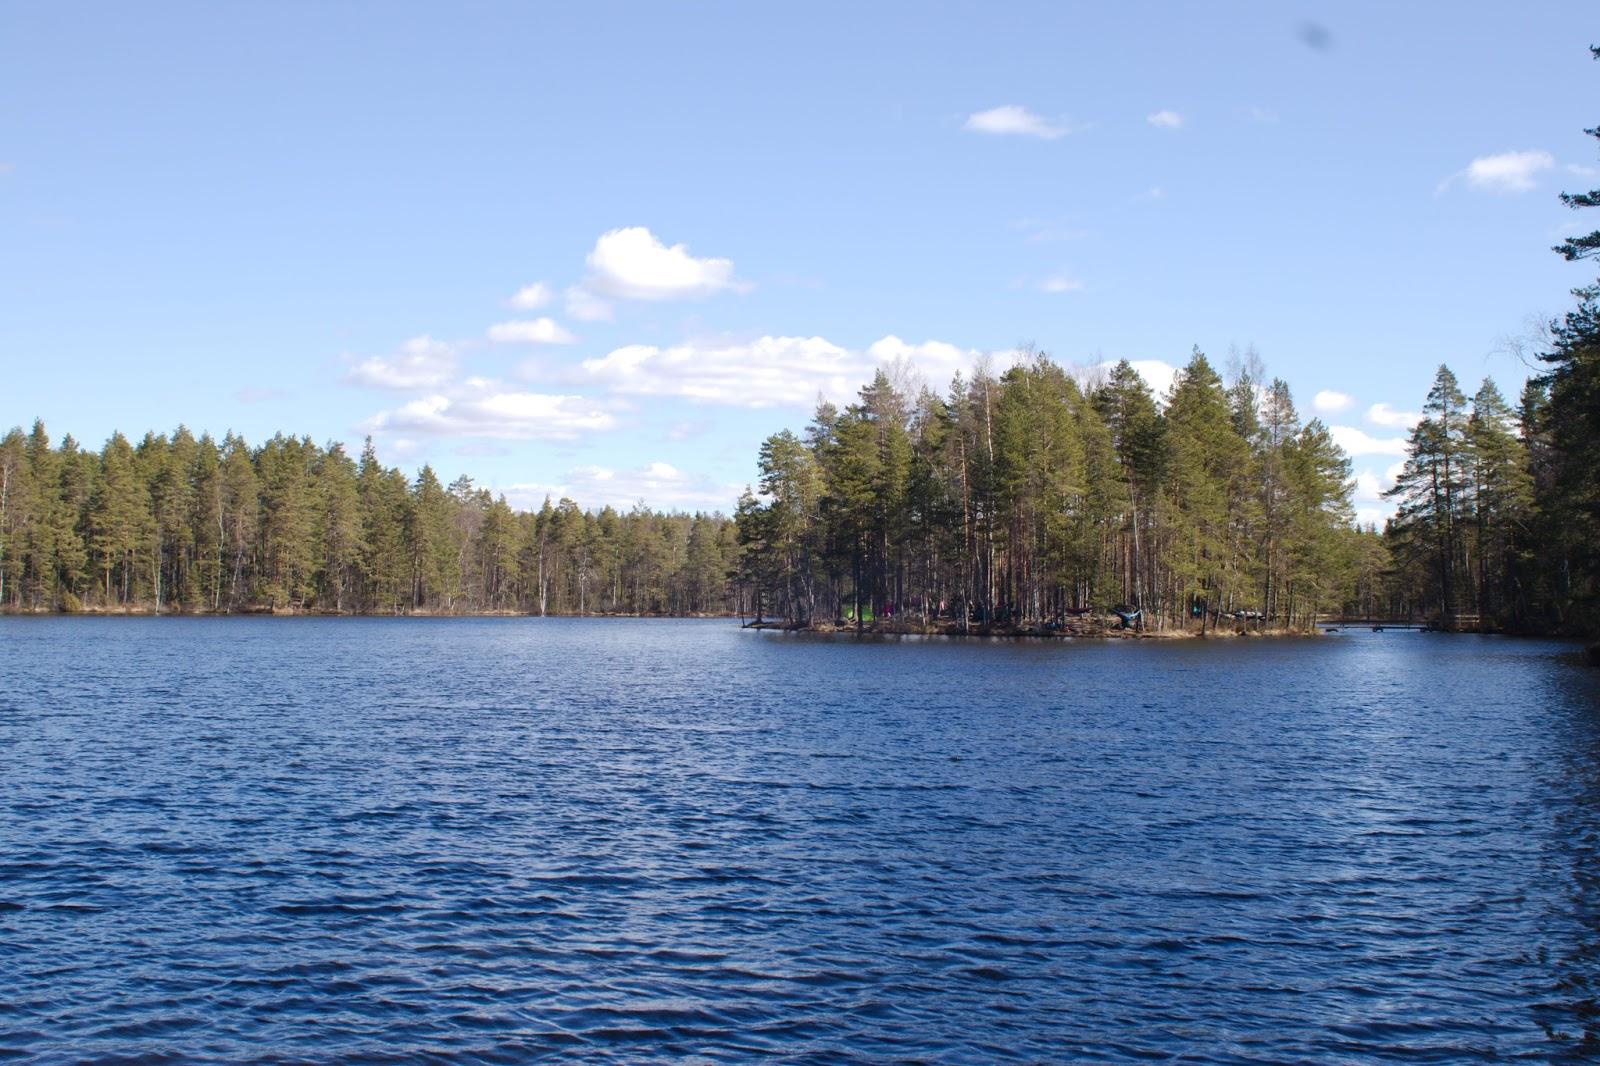 Holma-Saarijärvi, Nuuksio